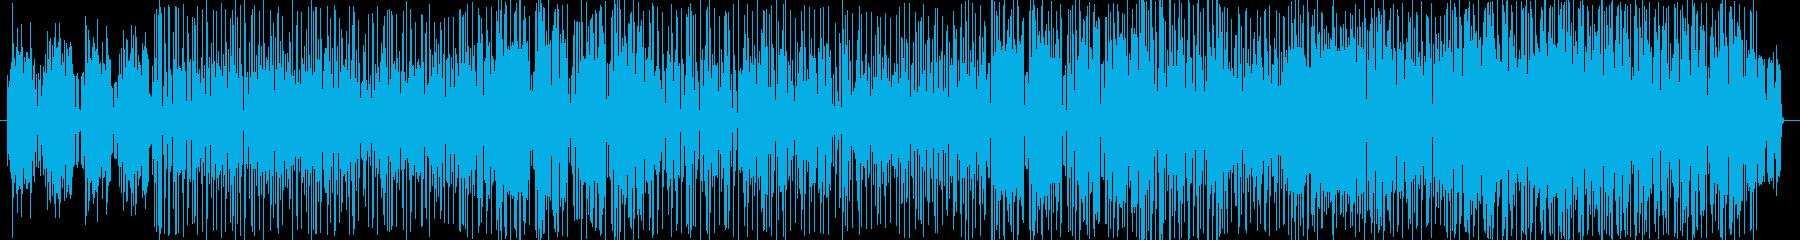 ファンキーで ノリの良いピアノダンス曲の再生済みの波形